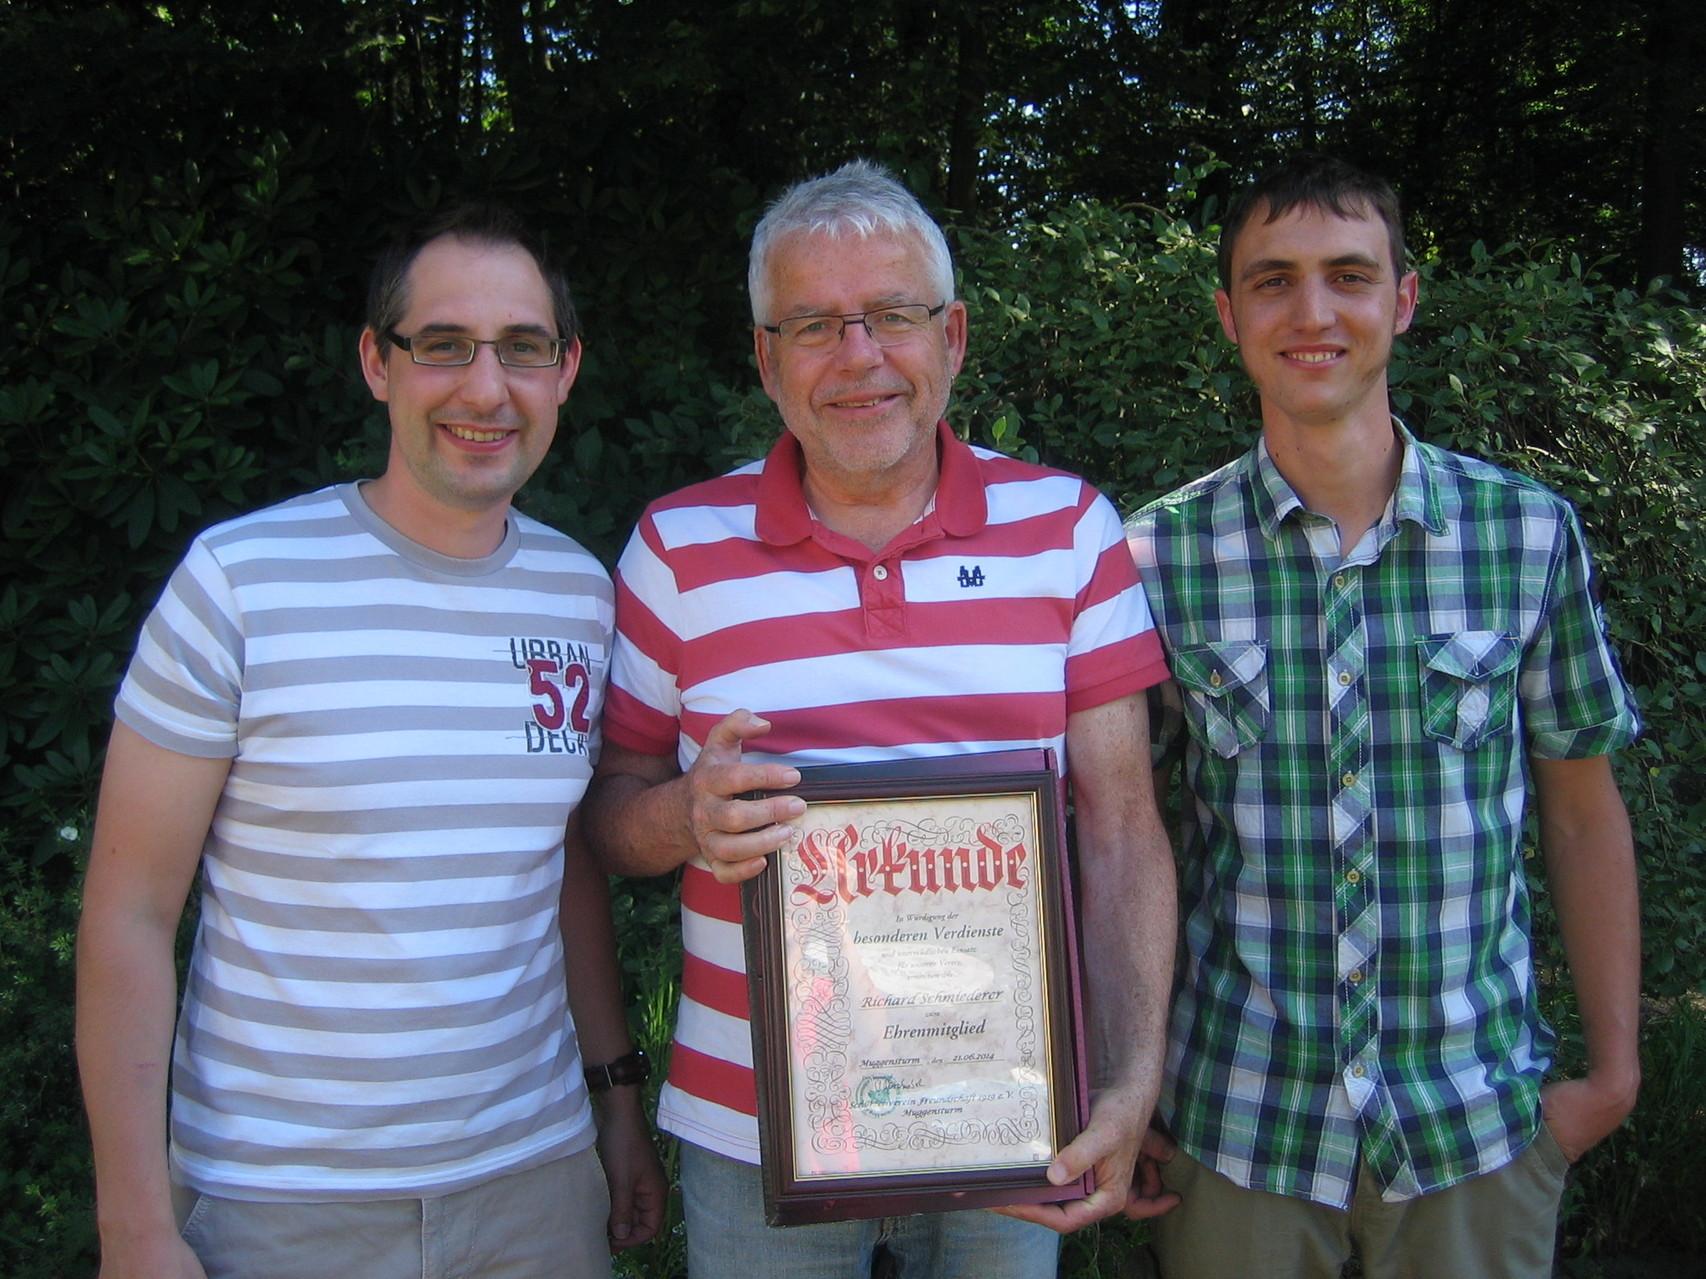 Ernennung von Richard Schmiederer zum Ehrenmitglied